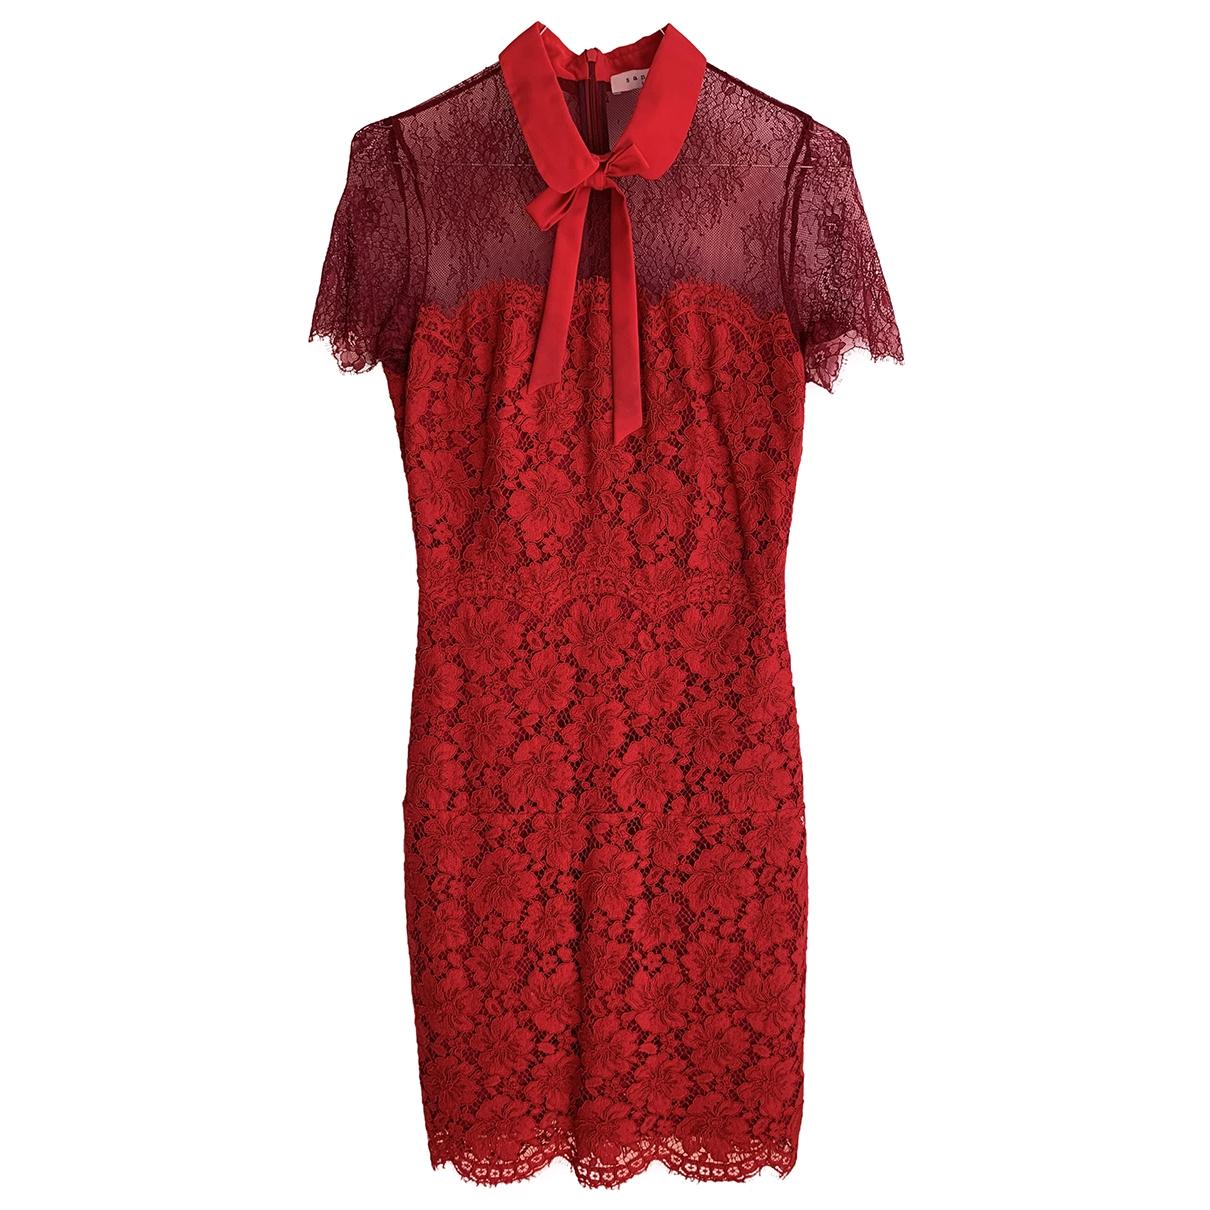 Sandro \N Red dress for Women 36 FR